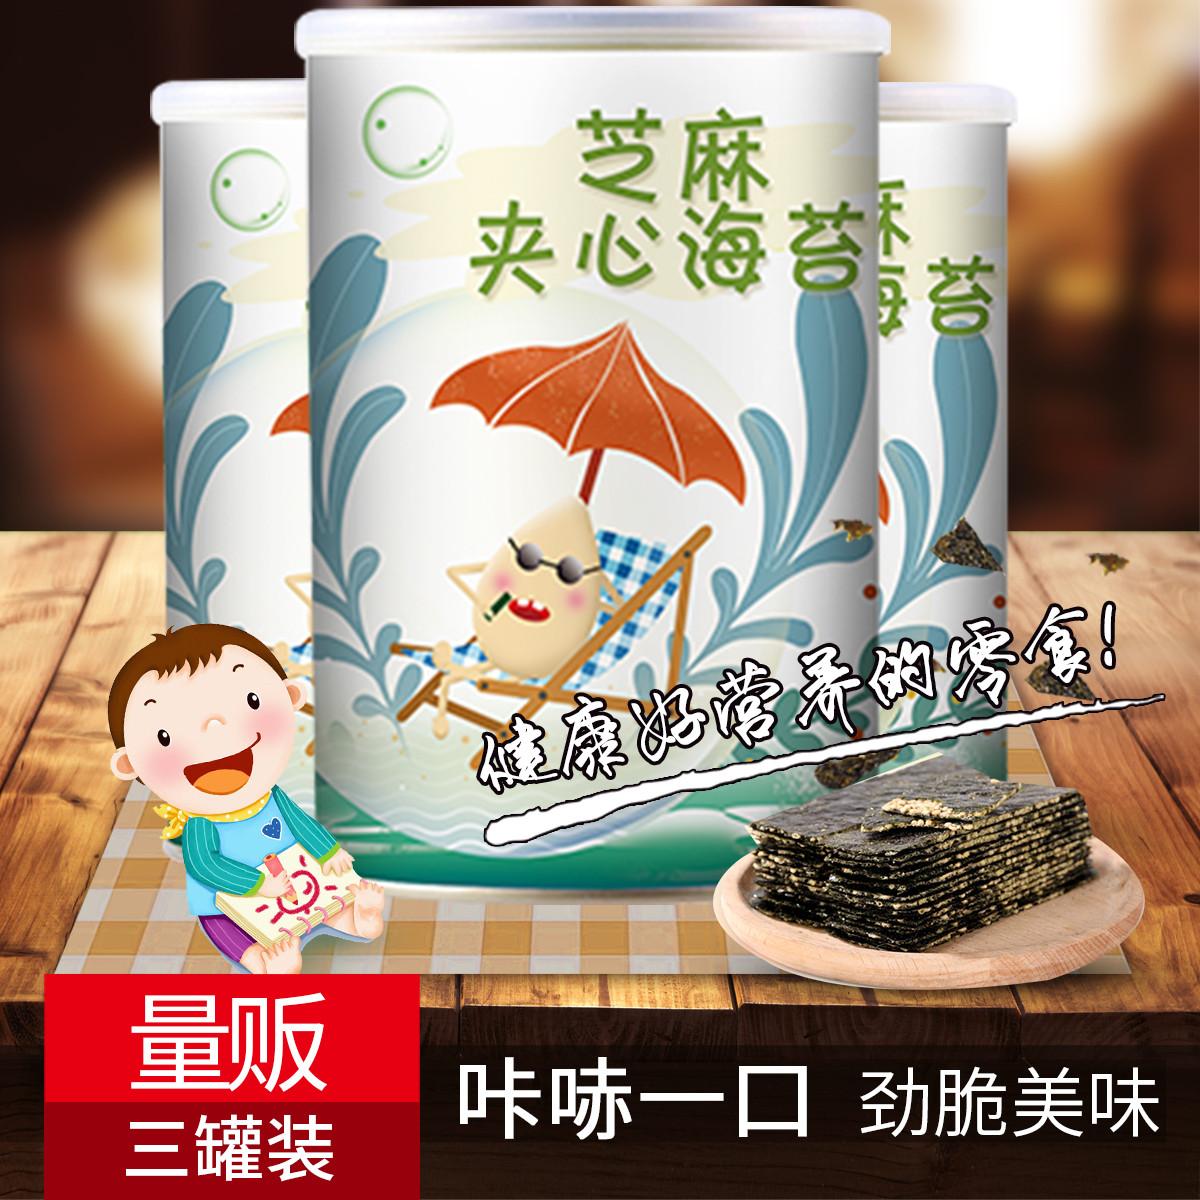 苏兰亭52g*3罐 芝麻夹心海苔夹心脆儿童海苔孕妇海苔寿司即食海苔COLOR其它颜色